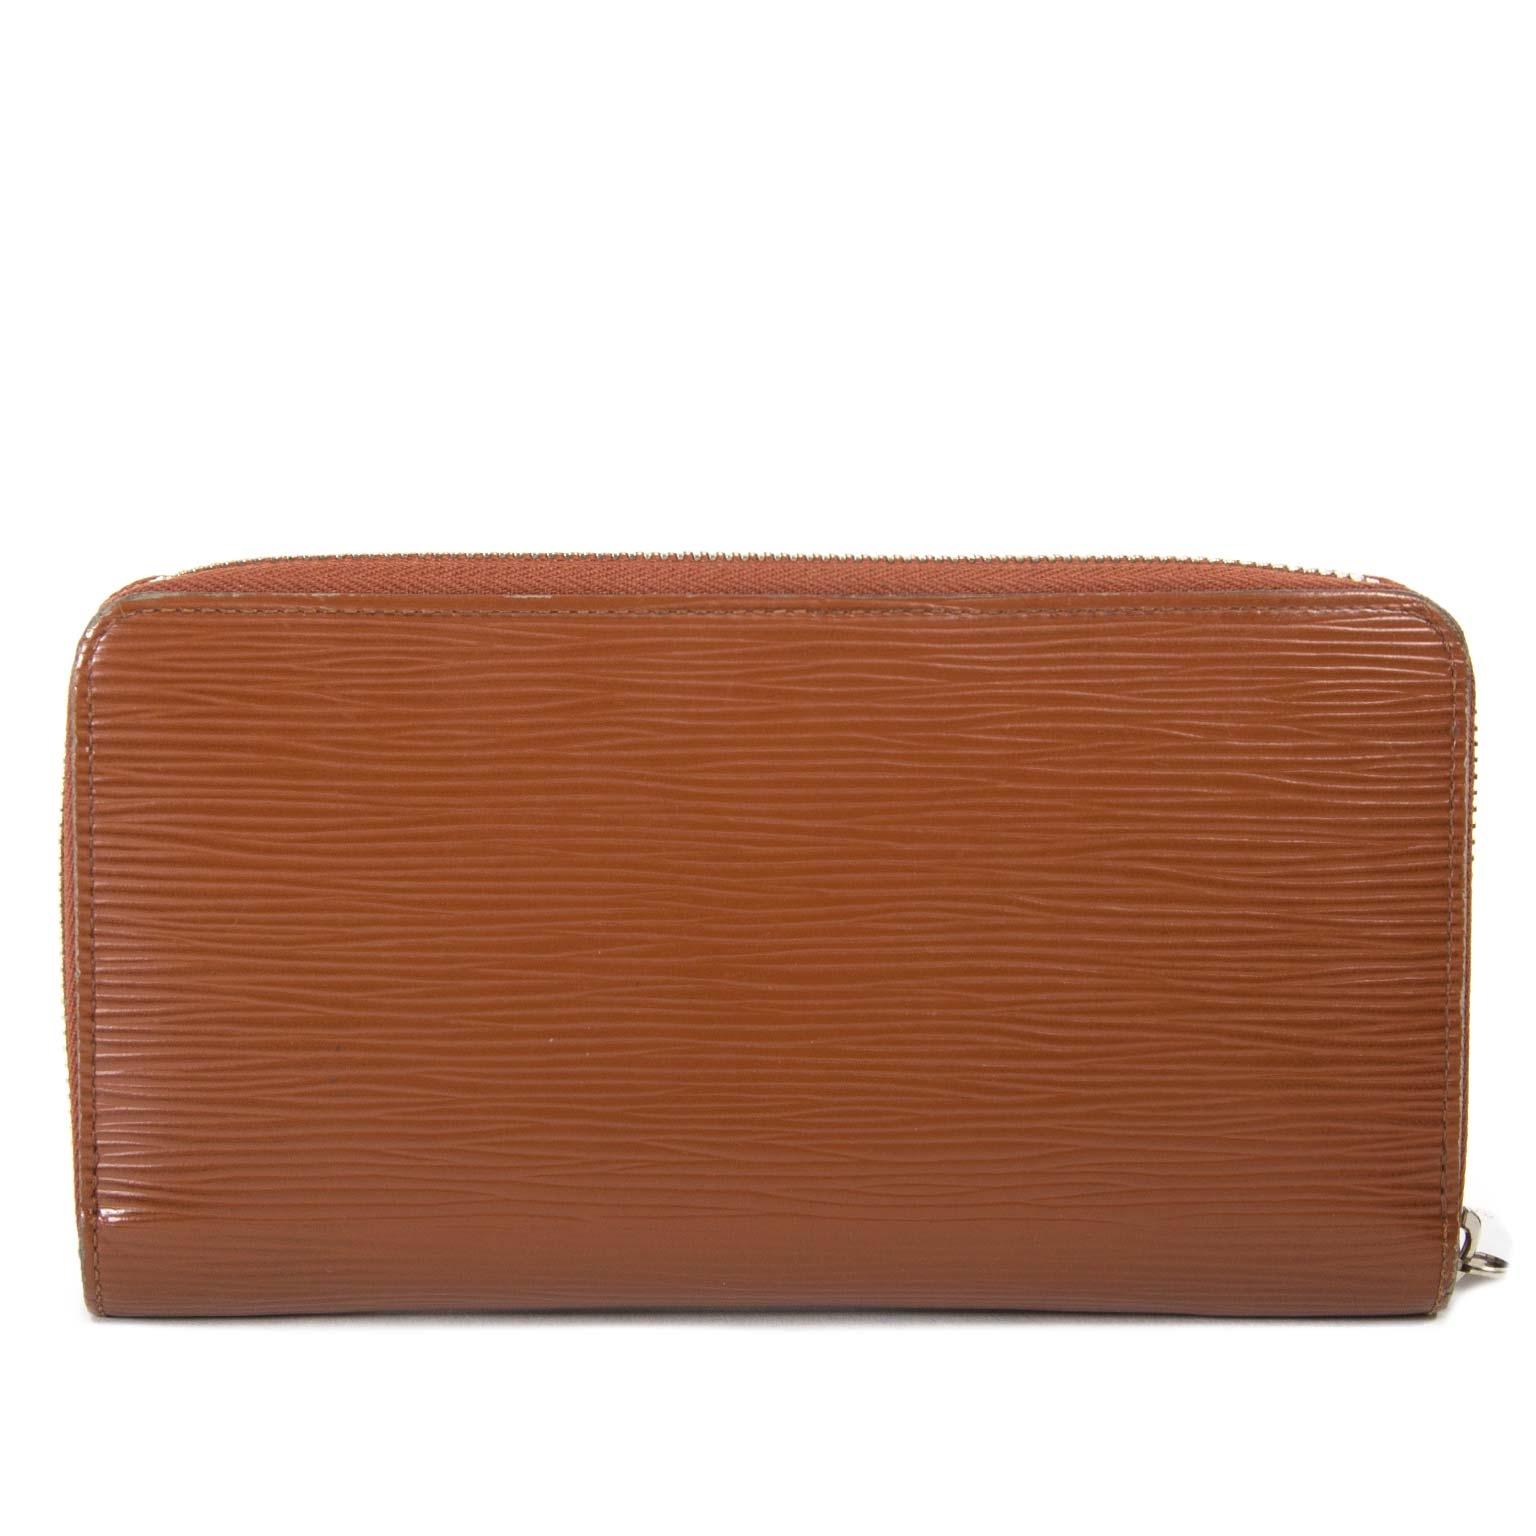 achetez  Louis Vuitton Brown Epi Leather Clemence Wallet chez labellov pour le meilleur prix